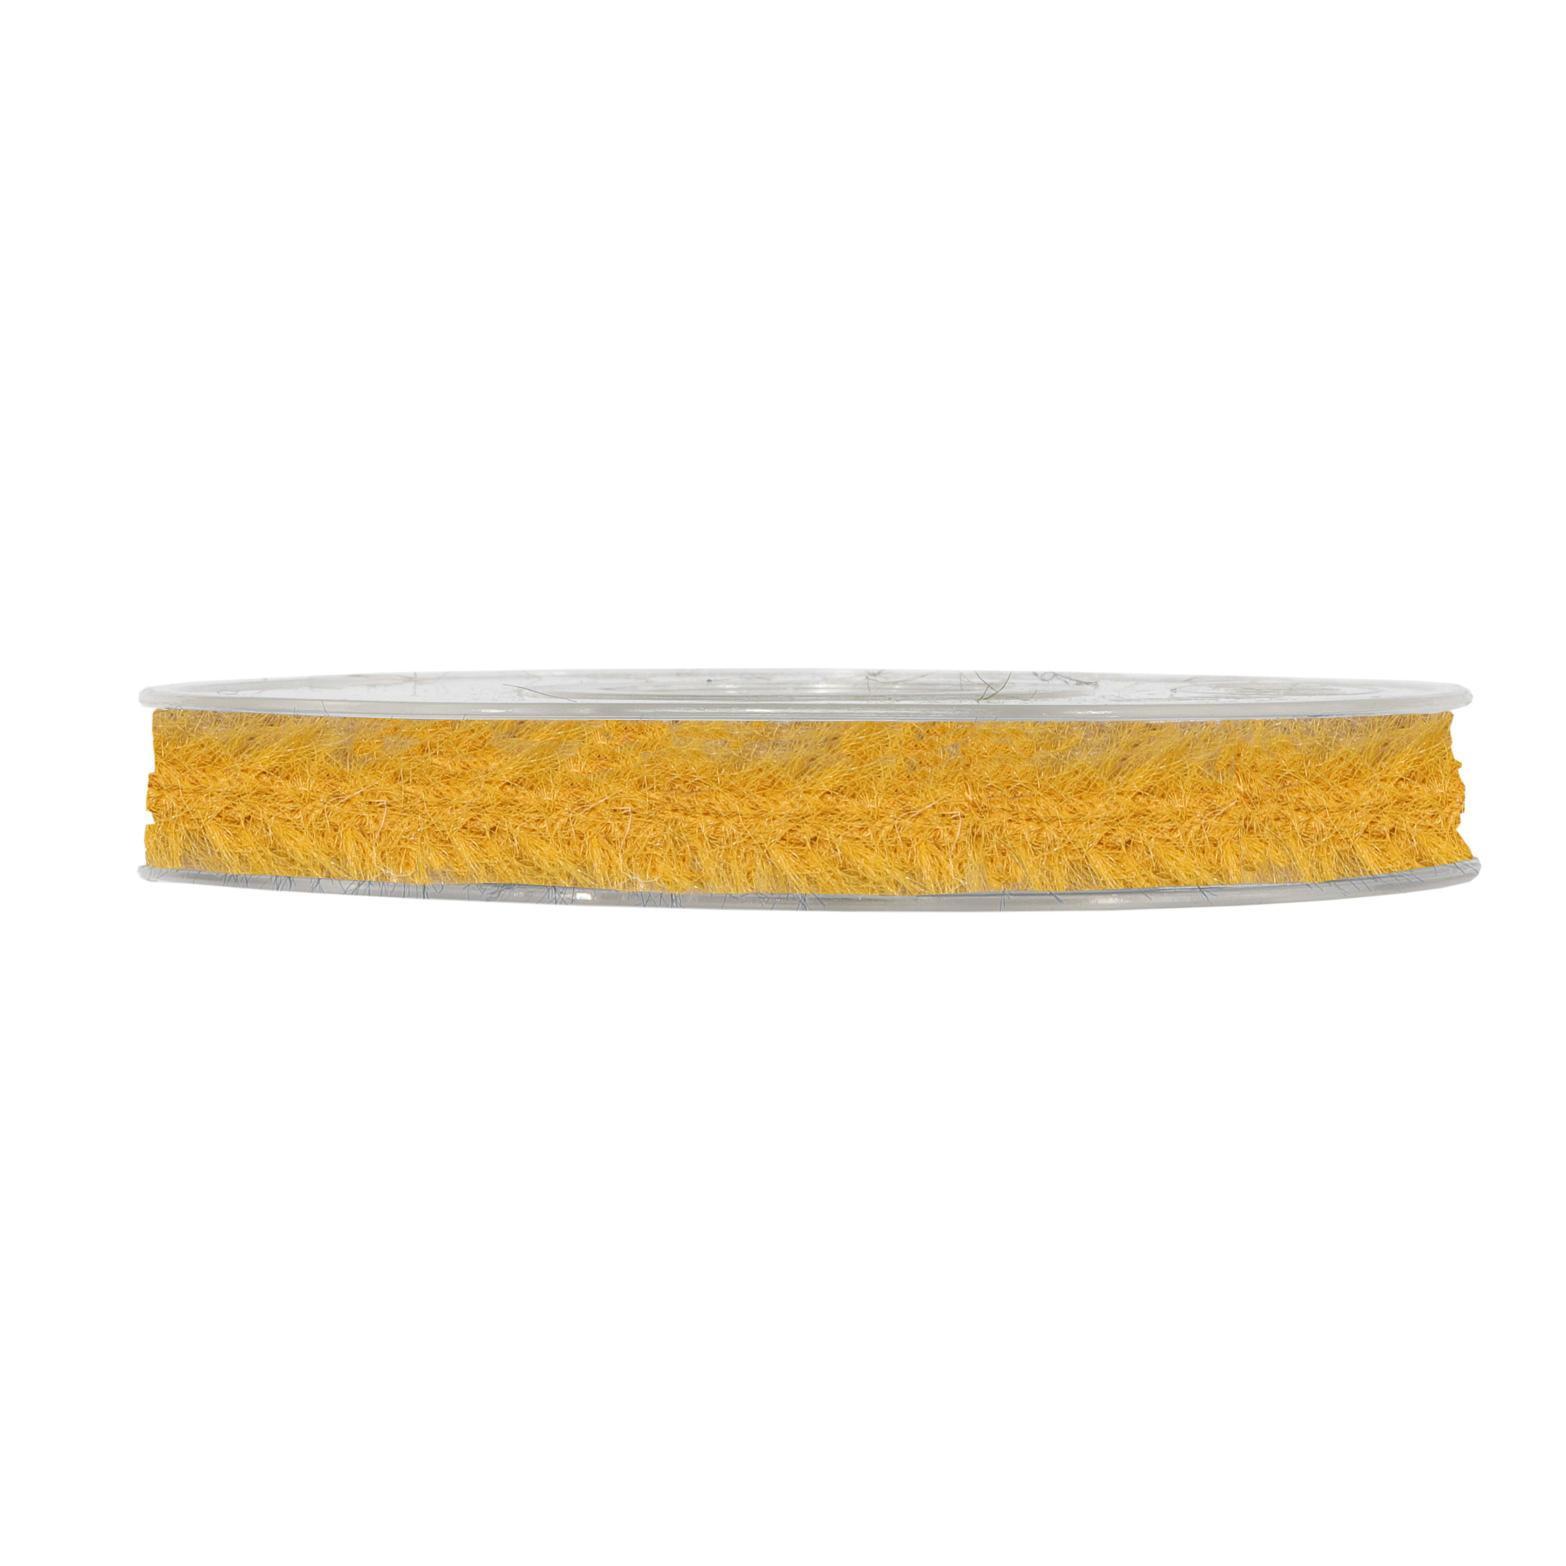 X351UN Ruban en laine moutarde 6mm x 10m